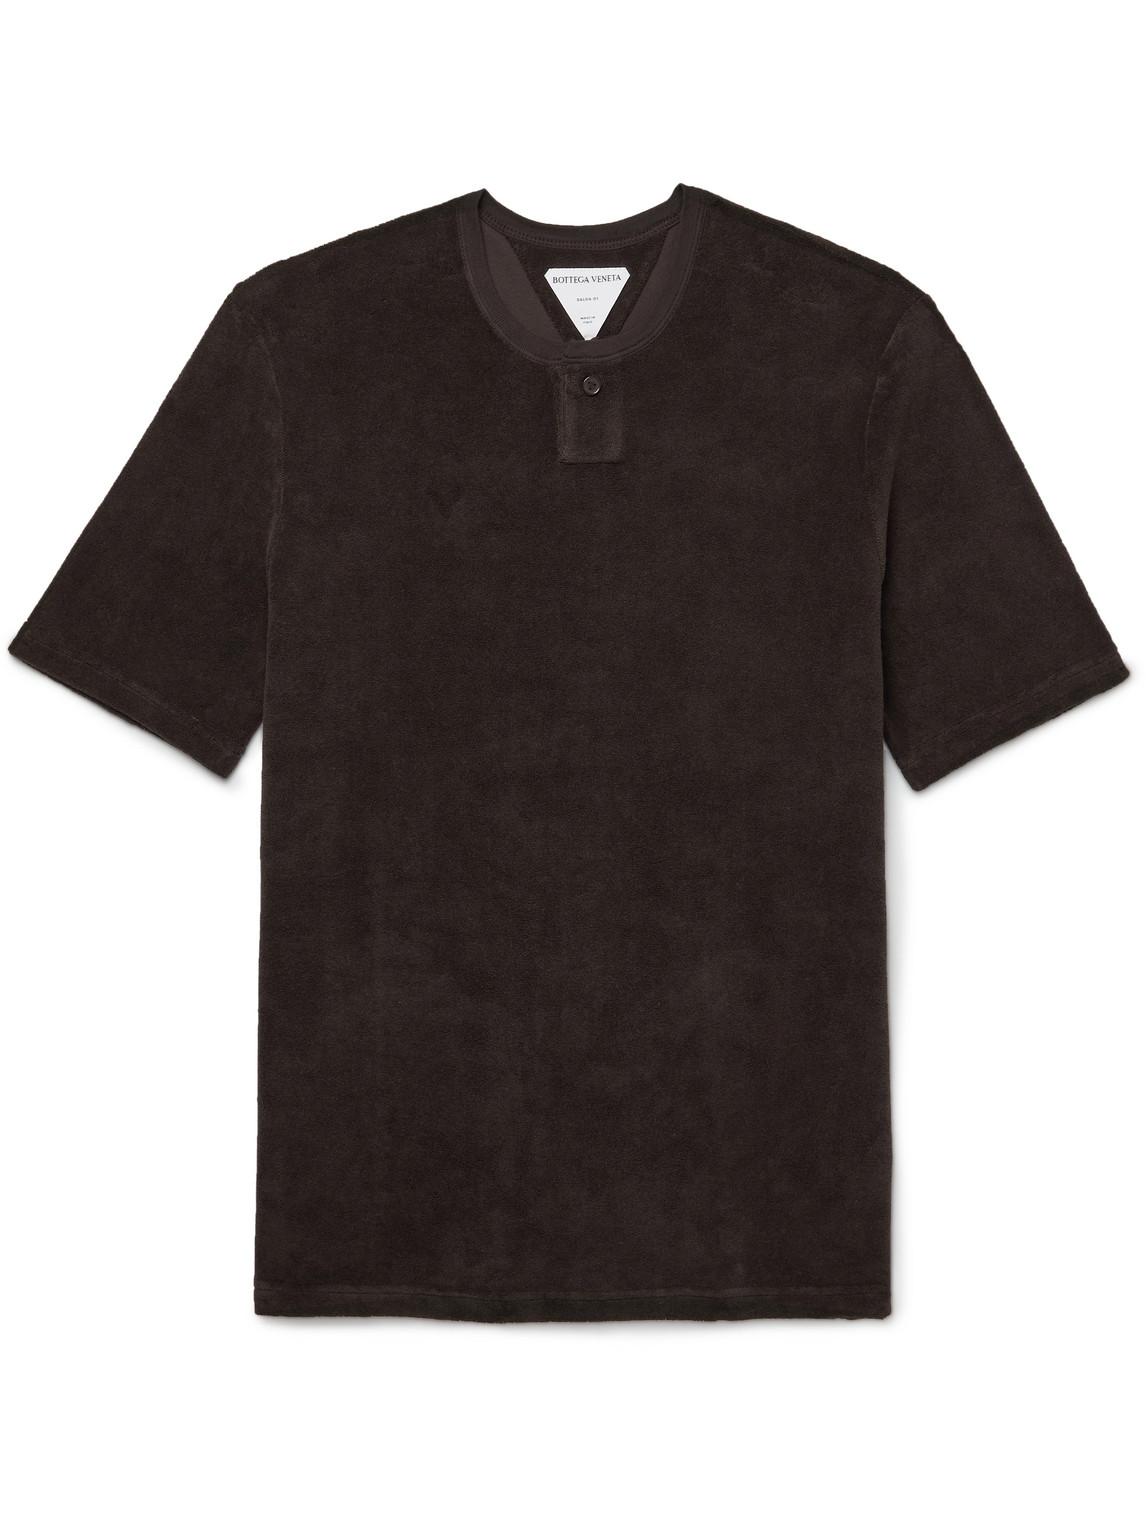 Bottega Veneta T-shirts SLIM-FIT COTTON-BLEND TERRY T-SHIRT